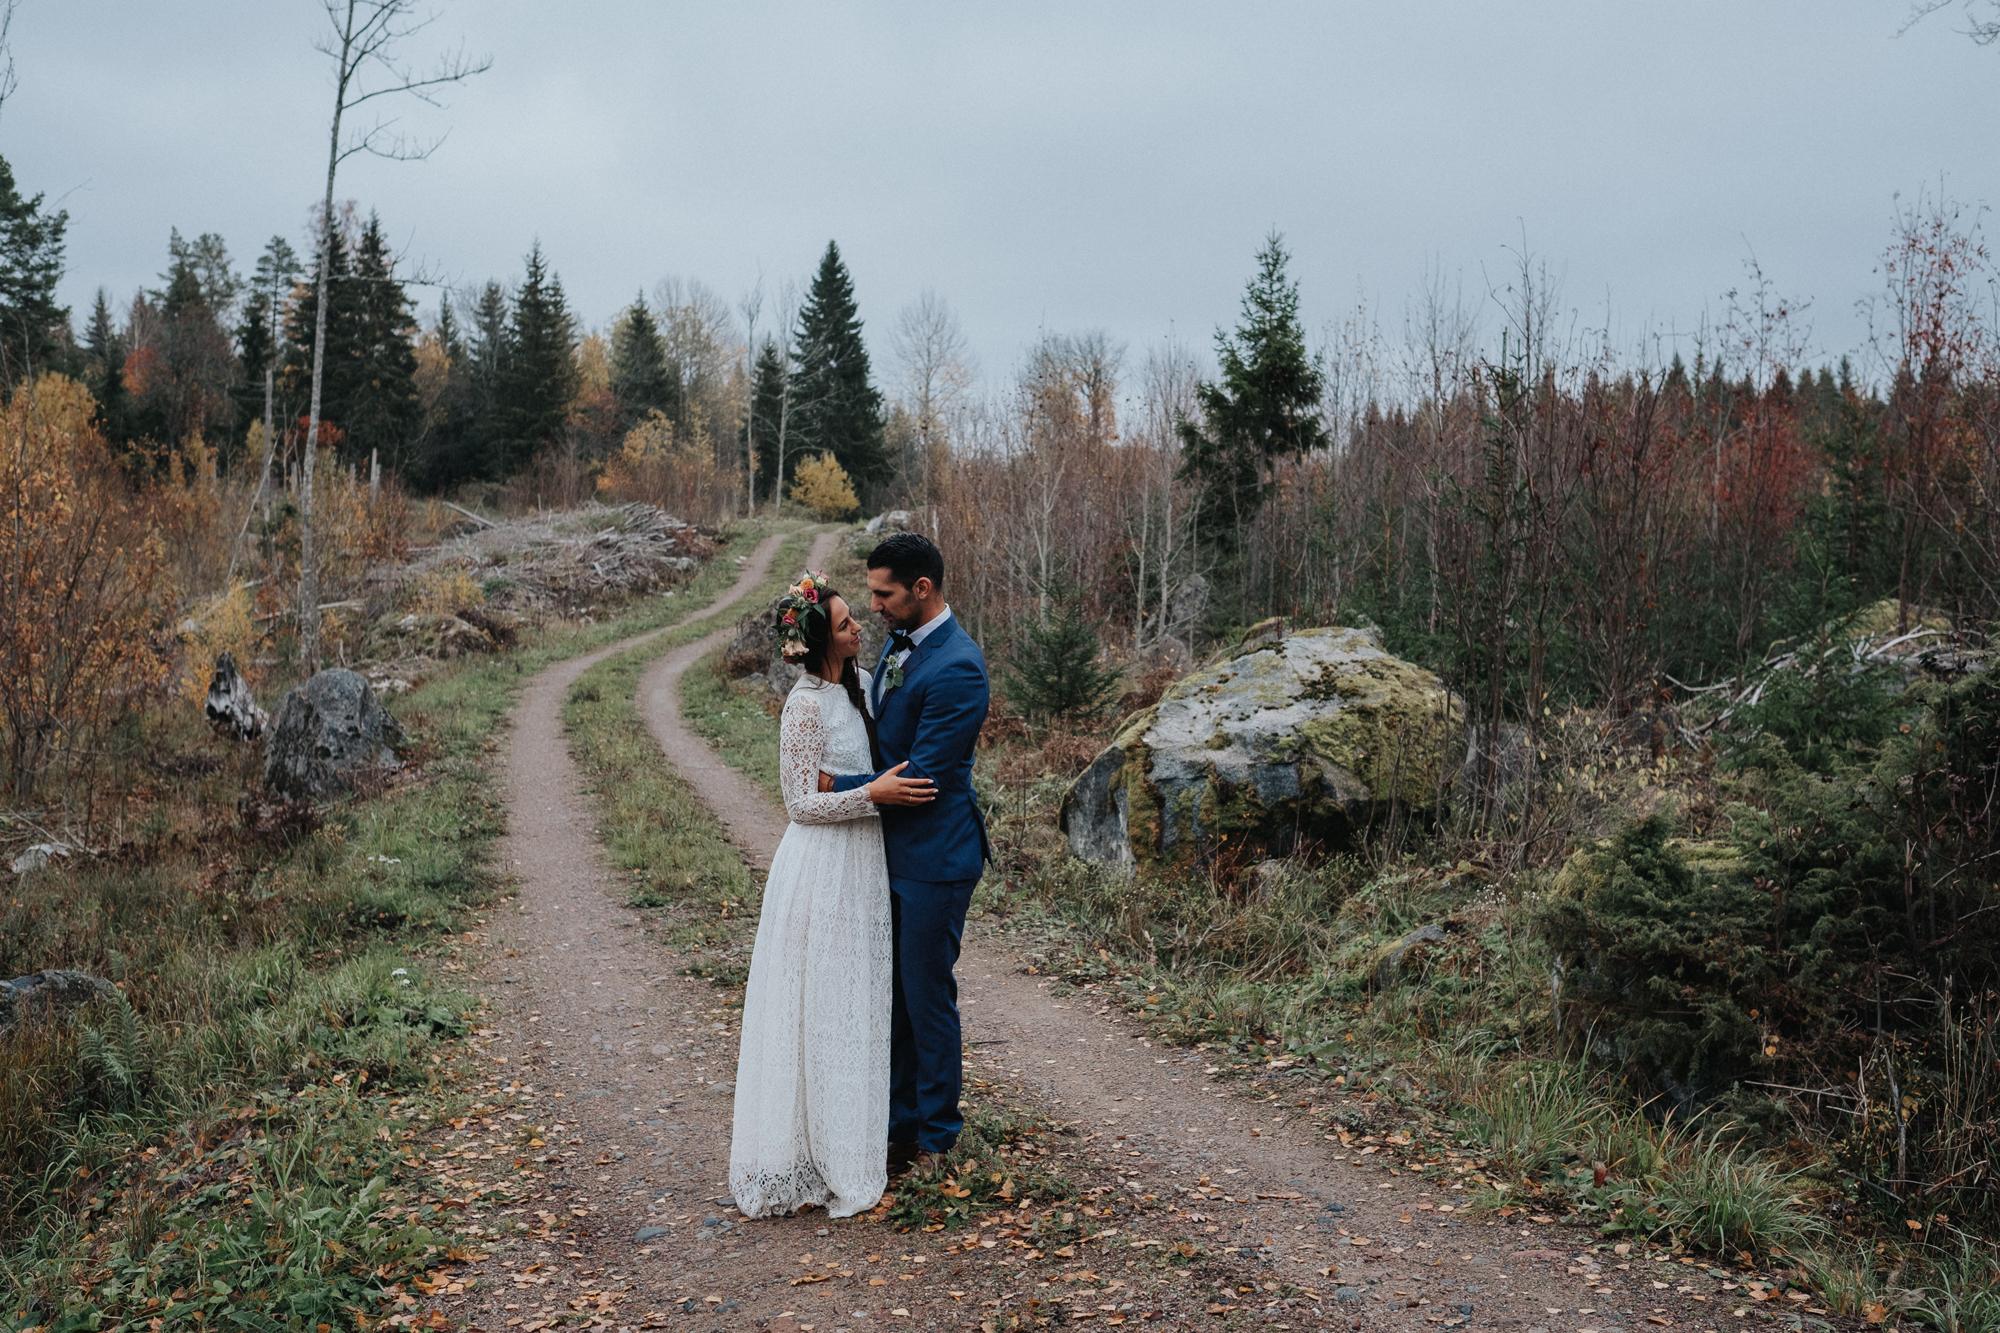 019-bröllopsfotograf-uppsala-neas-fotografi.jpg